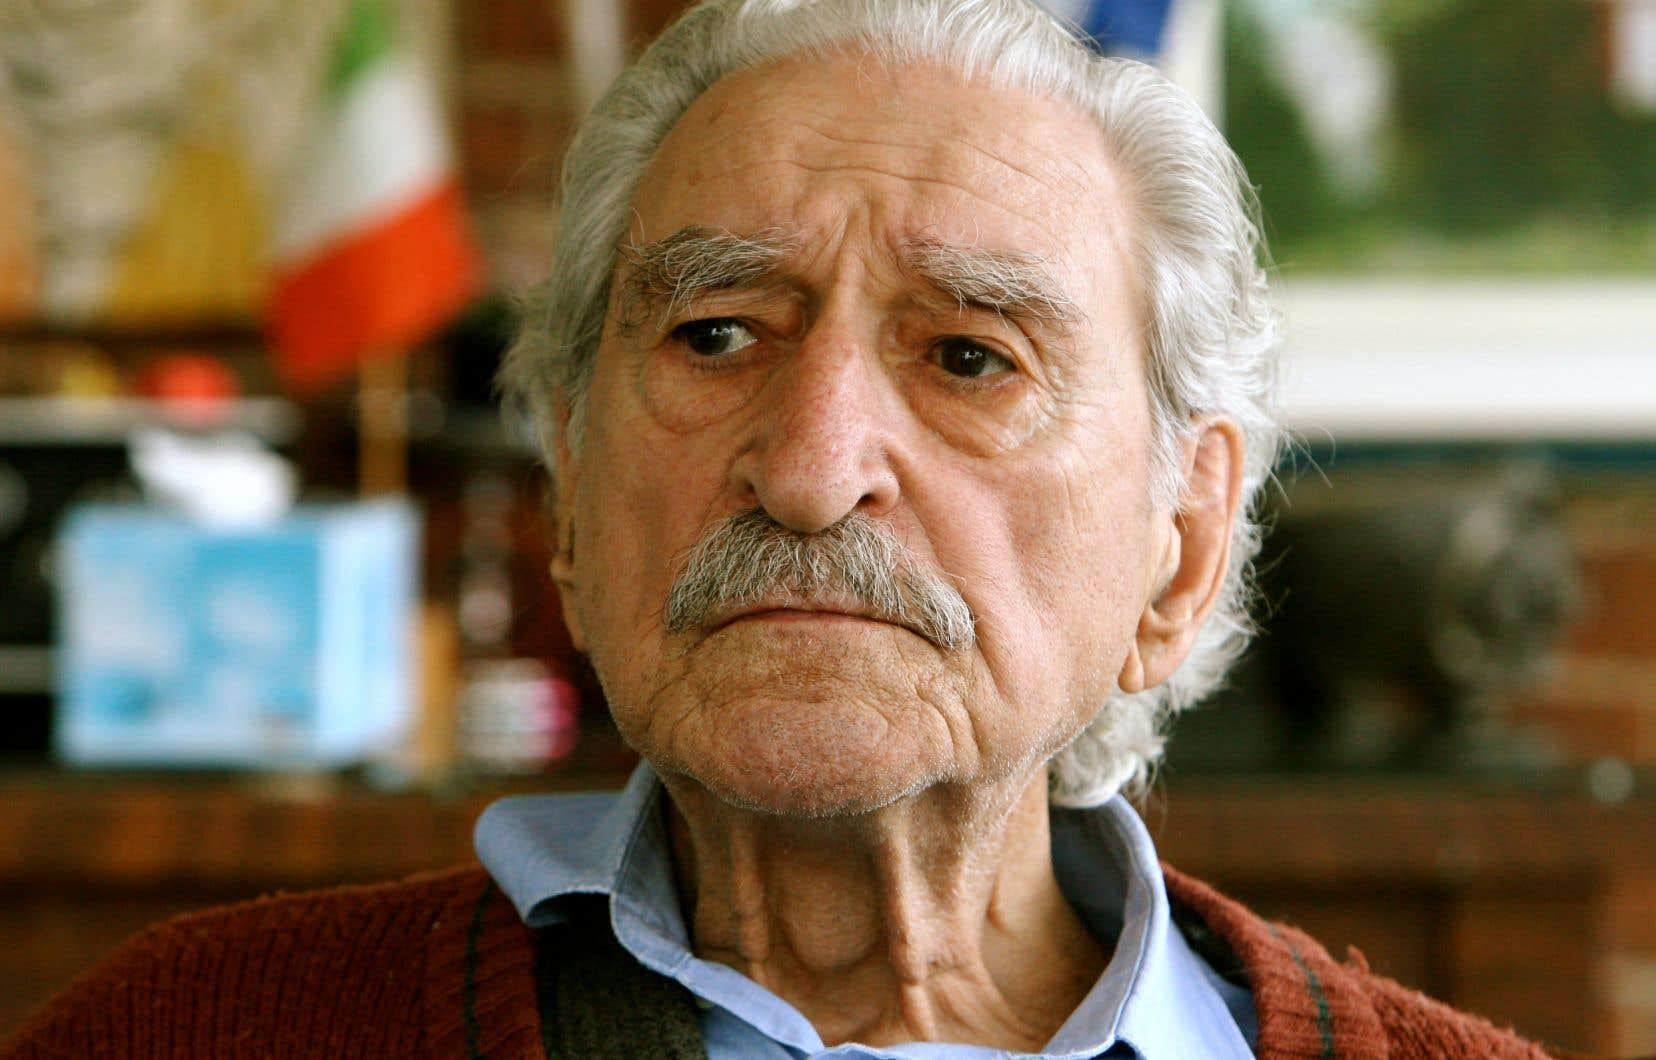 Image tirée du documentaire <em>Chartrand, le malcommode</em>, consacré à celui dont les combats auront marqué l'histoire syndicale et sociale du Québec.